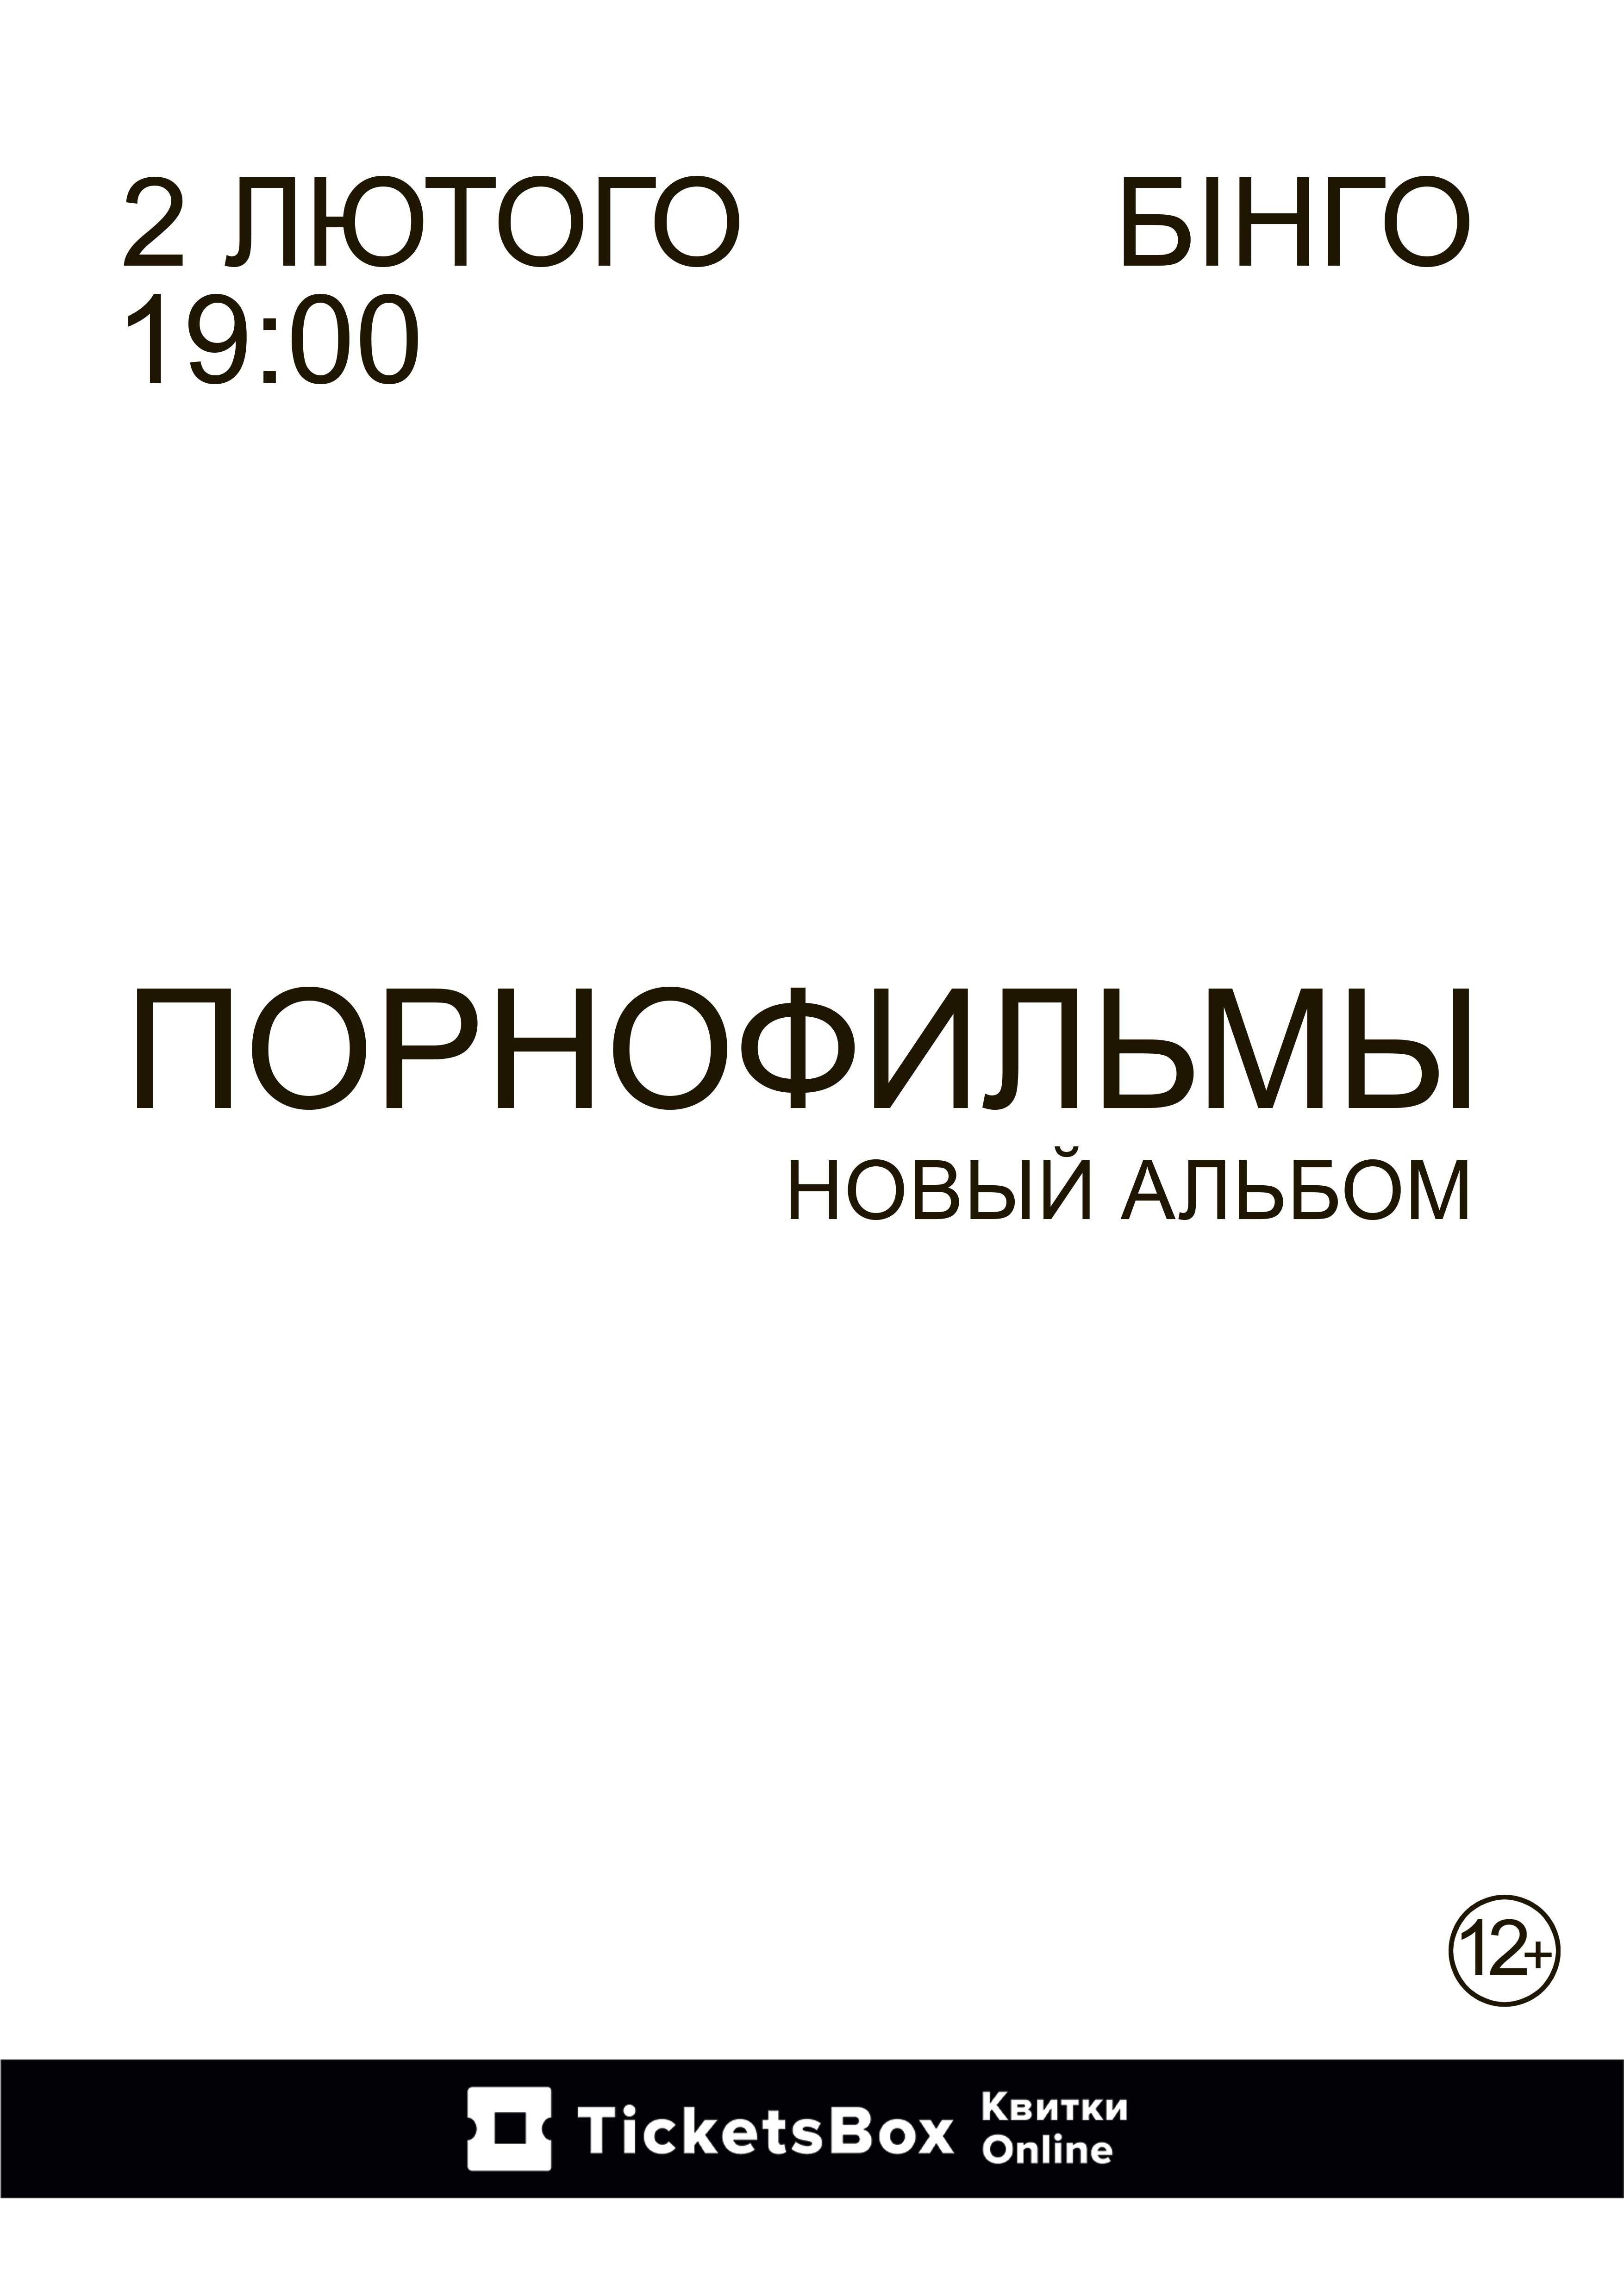 Билеты Порнофильмы